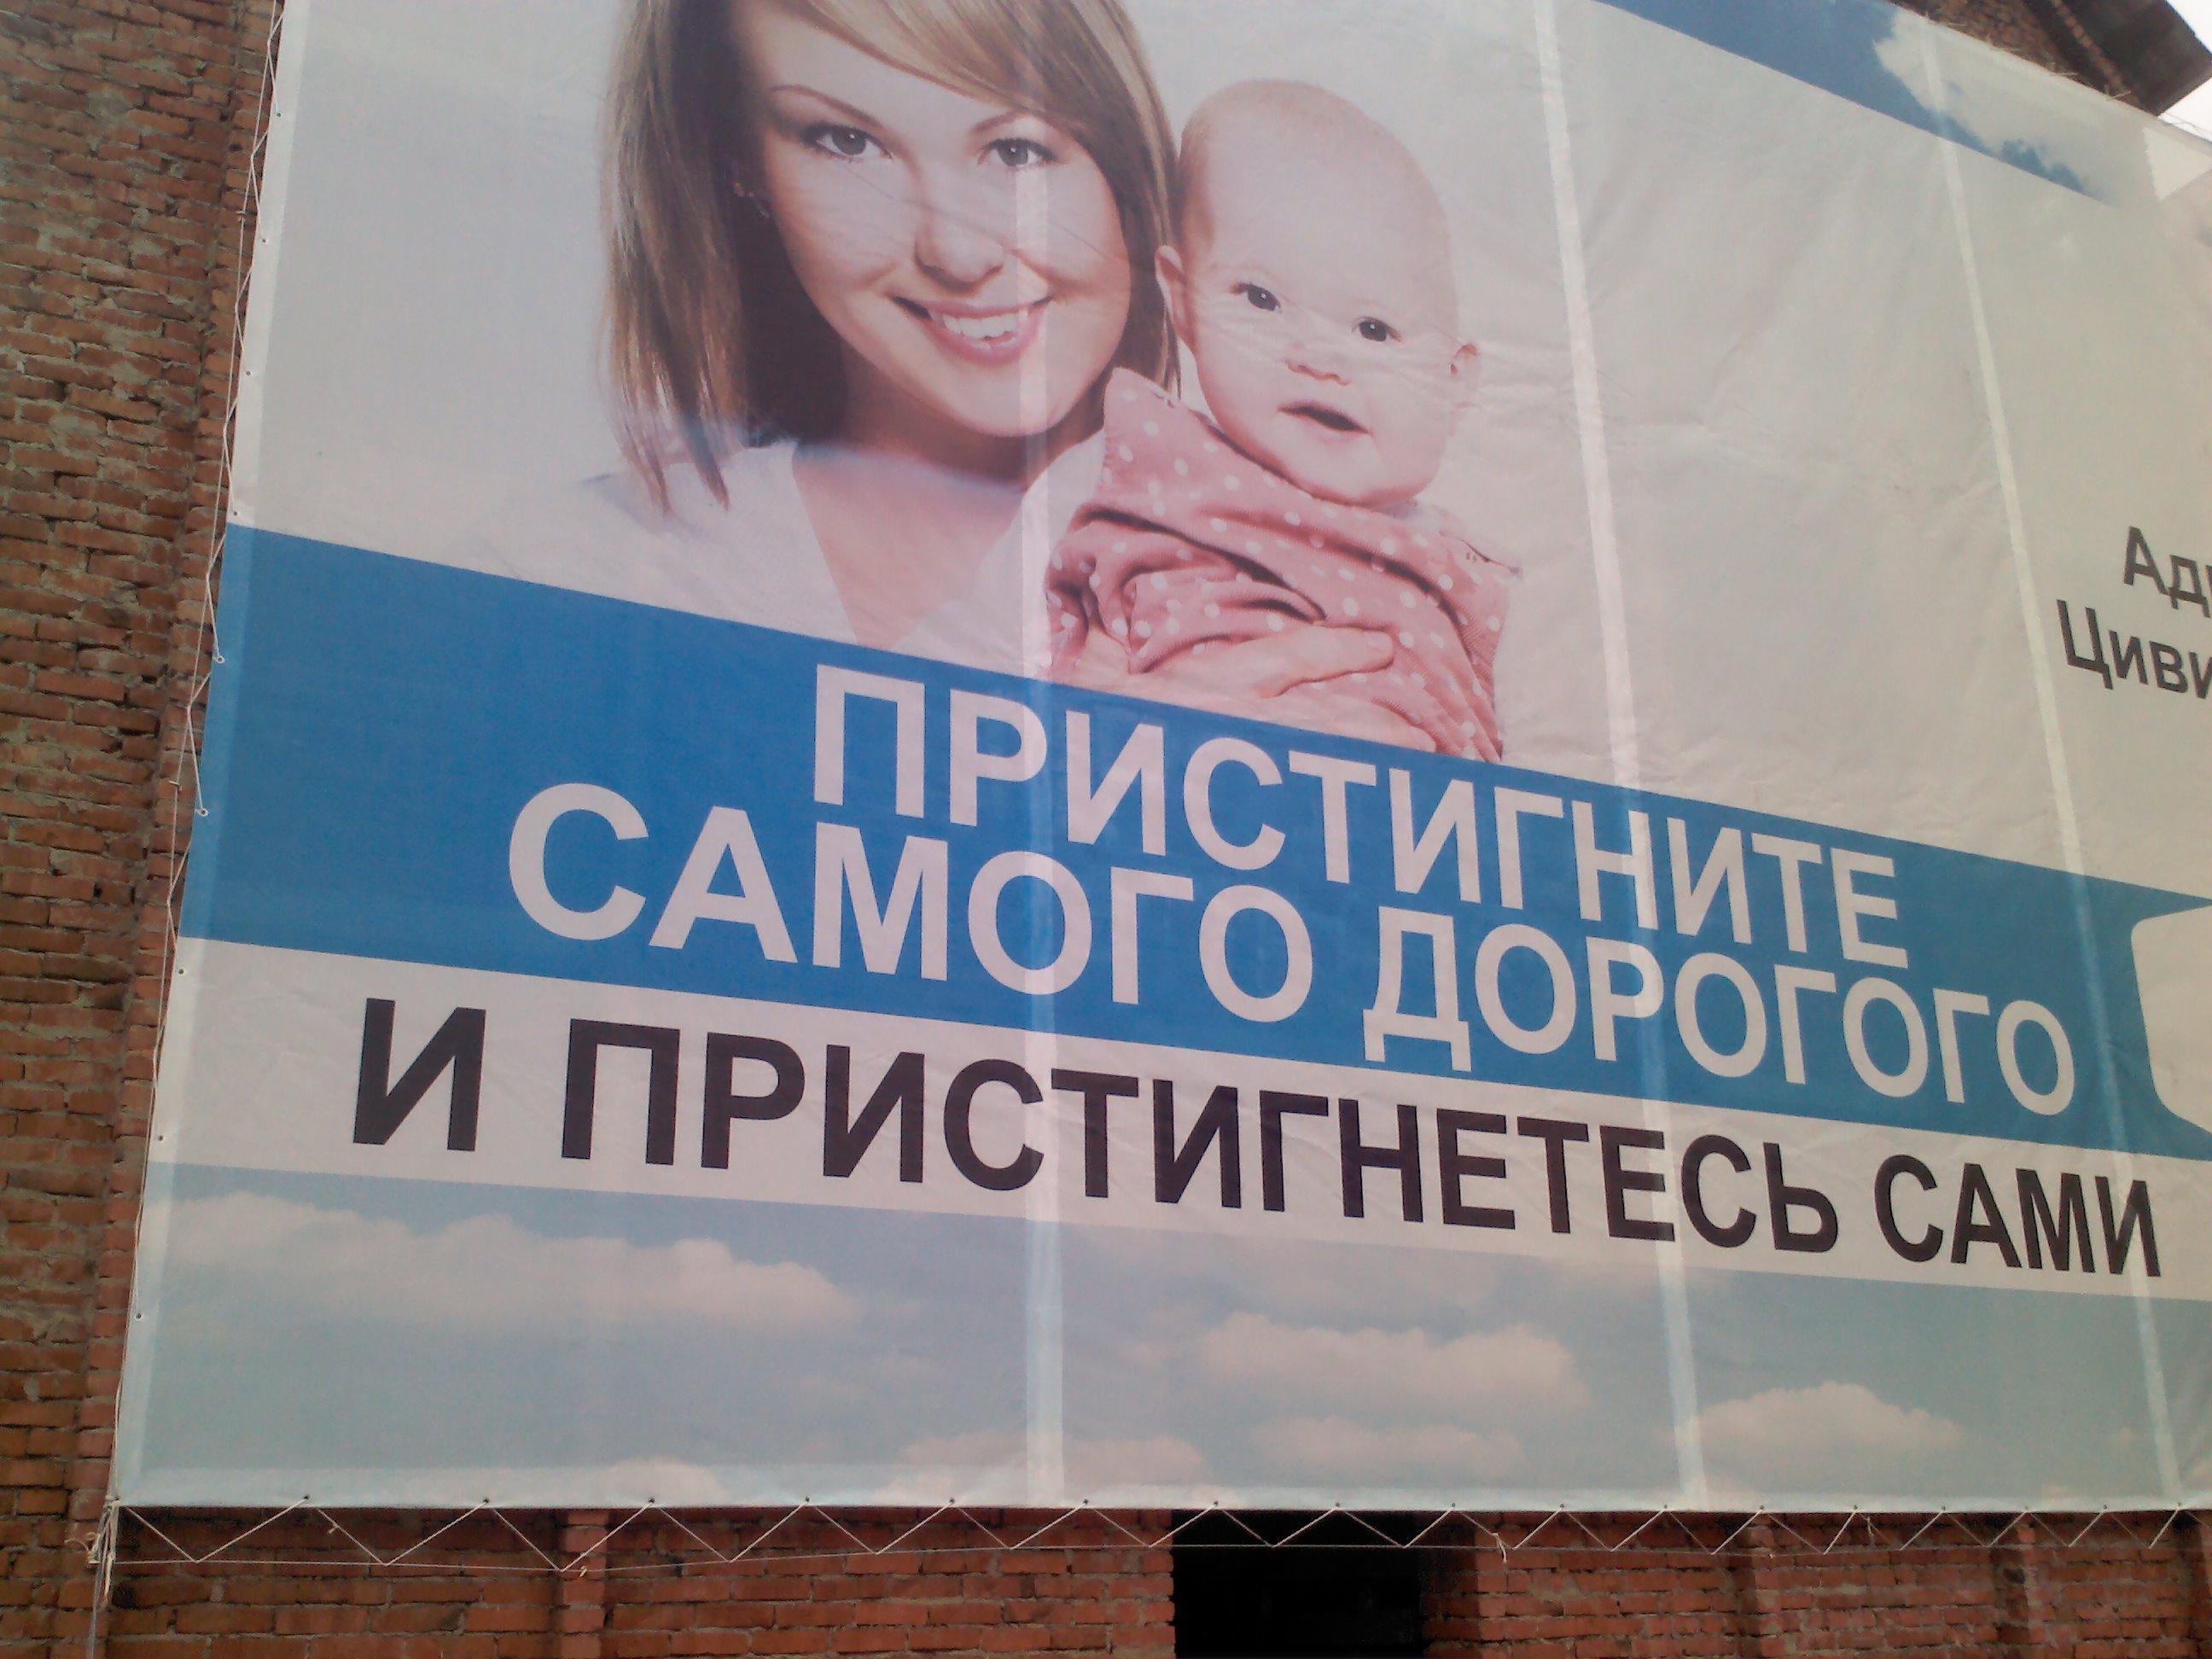 Фото помилок в рекламі 18 фотография